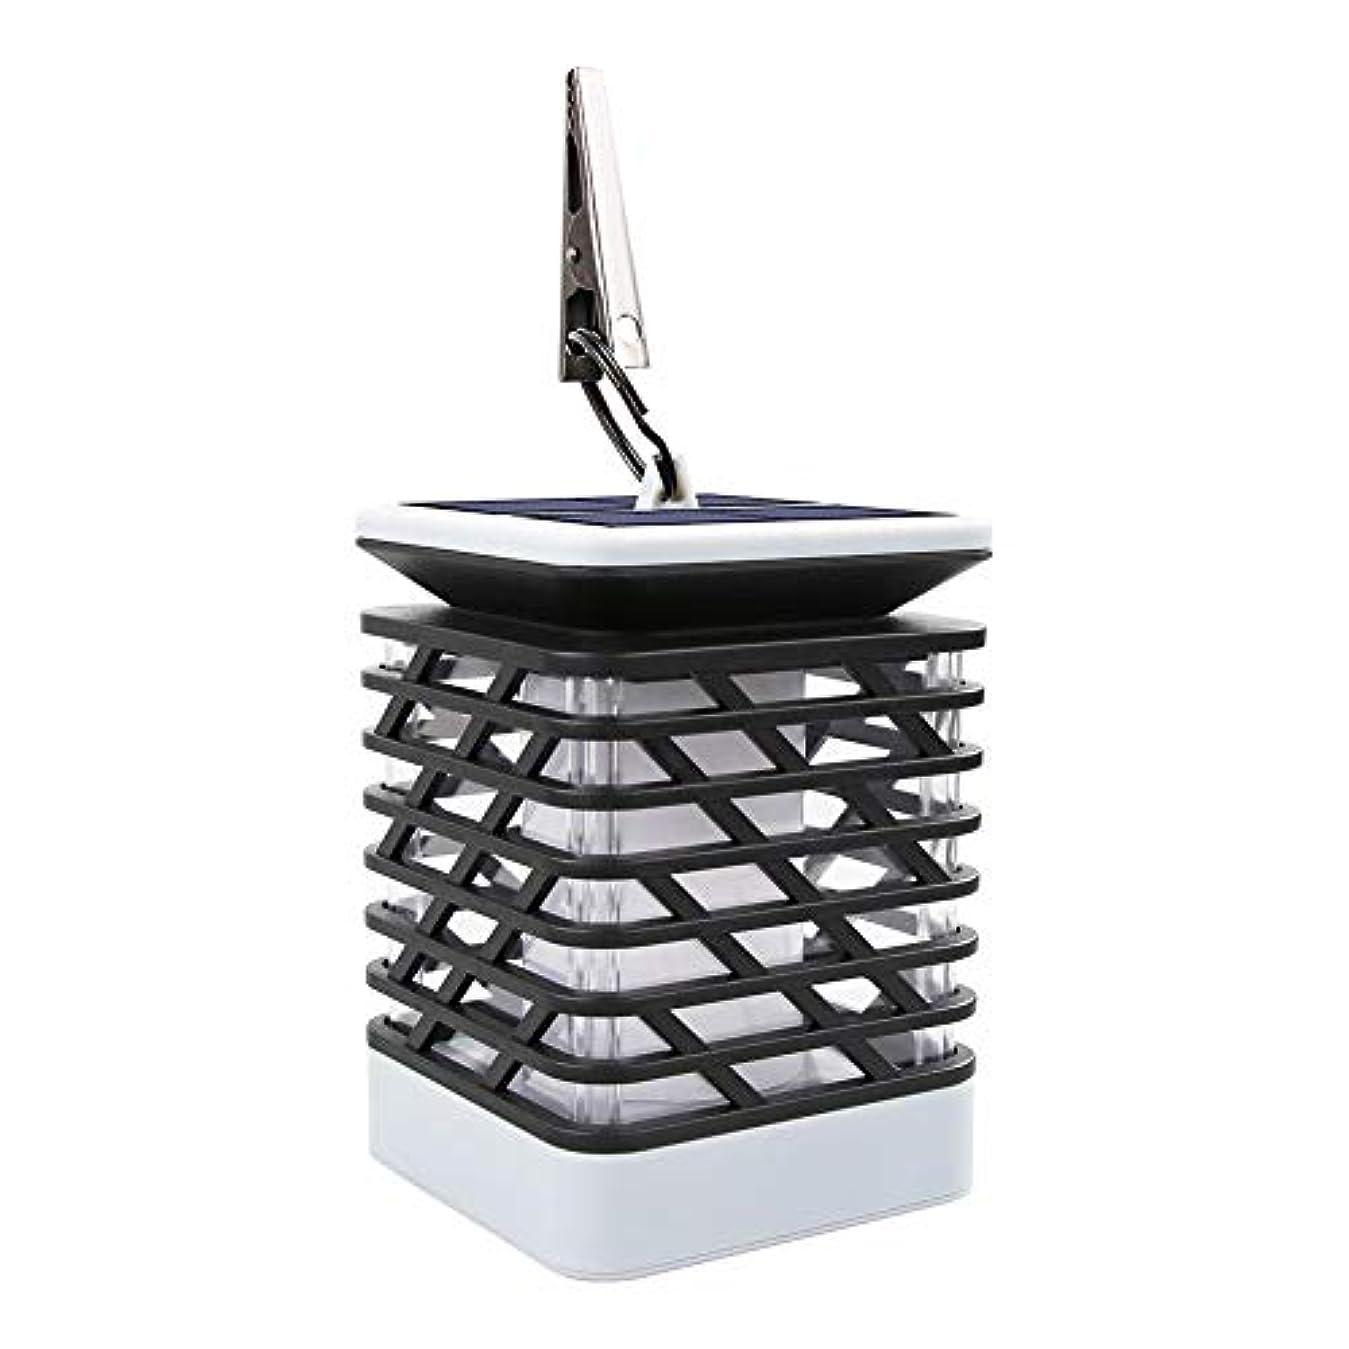 怠感頭音節ソーラーライトソーラー屋外LED防水シミュレーション点滅炎光ソーラーガーデン風景炎炎光(デモビデオ付)YH0812 sundengy